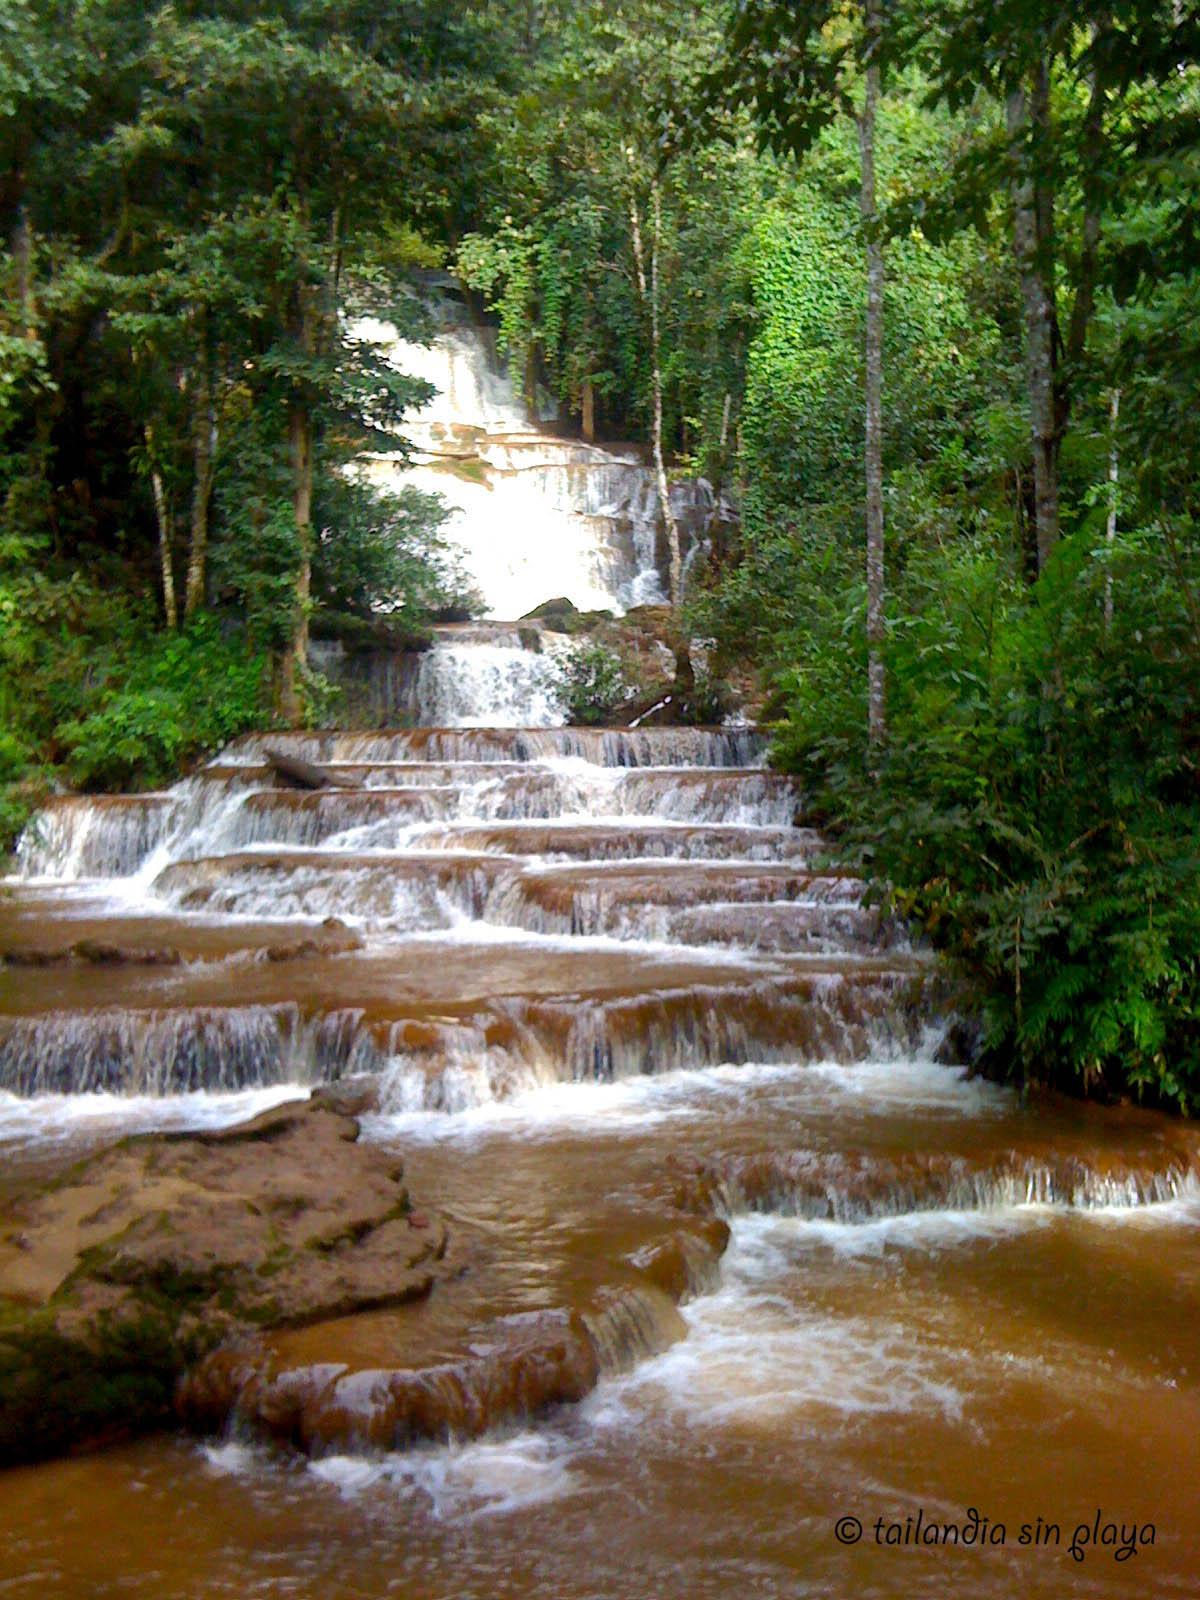 Te vienes de picnic tailandia sin playa for Piedras para cascadas